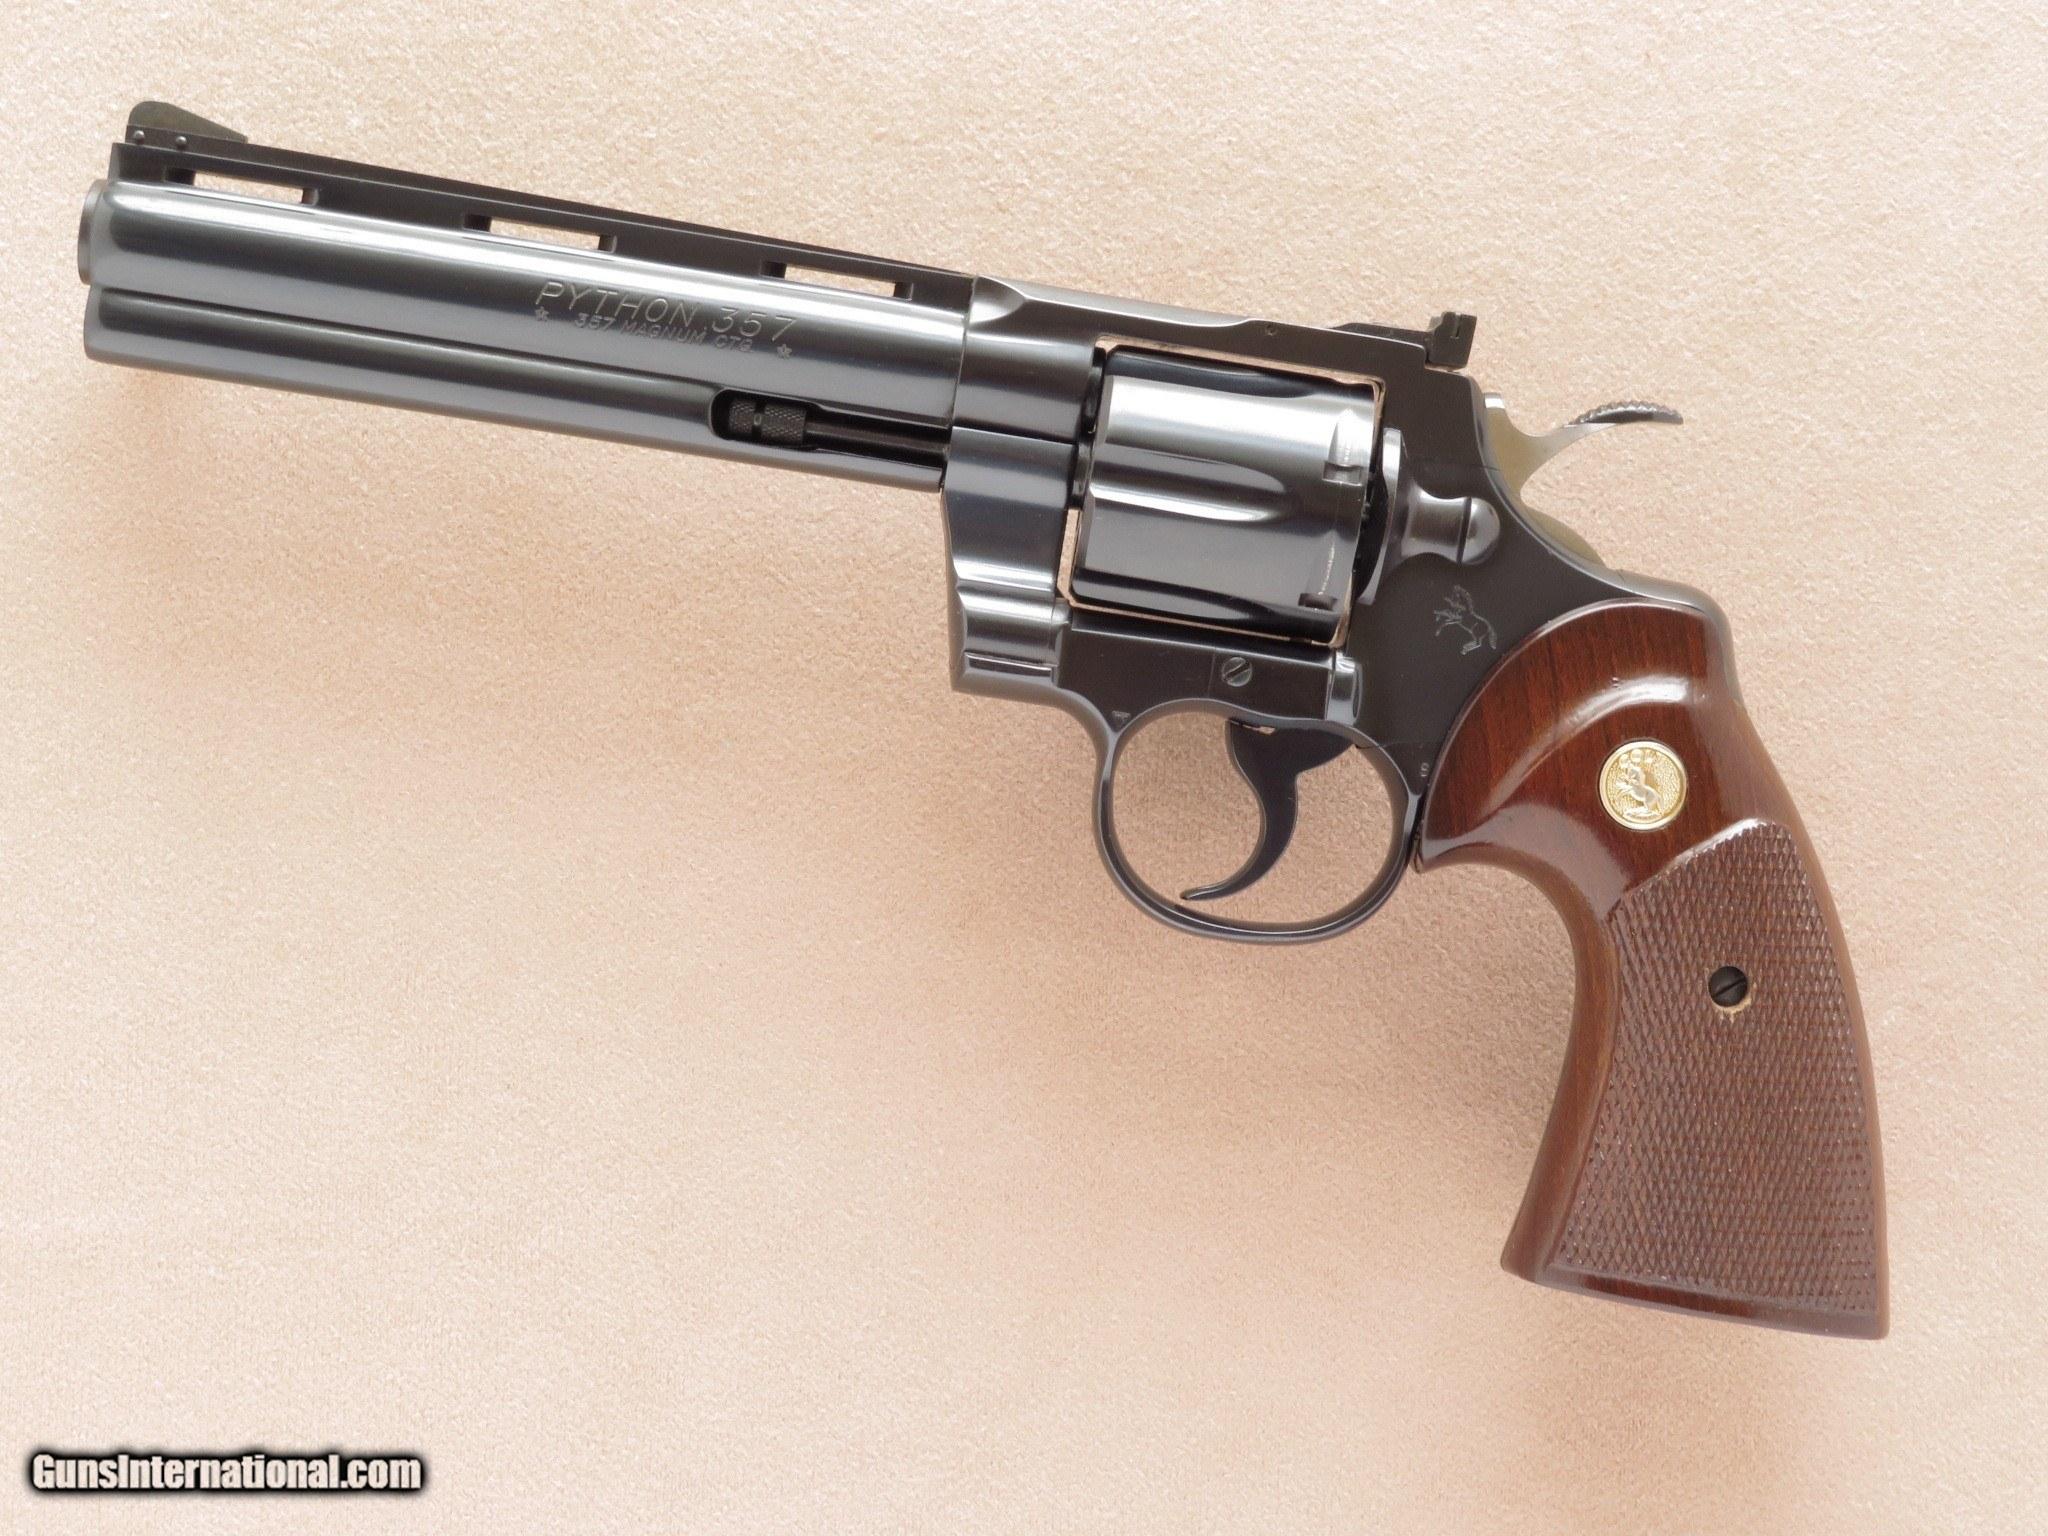 Colt Python, 6 Inch Barrel, Cal   357 Magnum, with Original Box